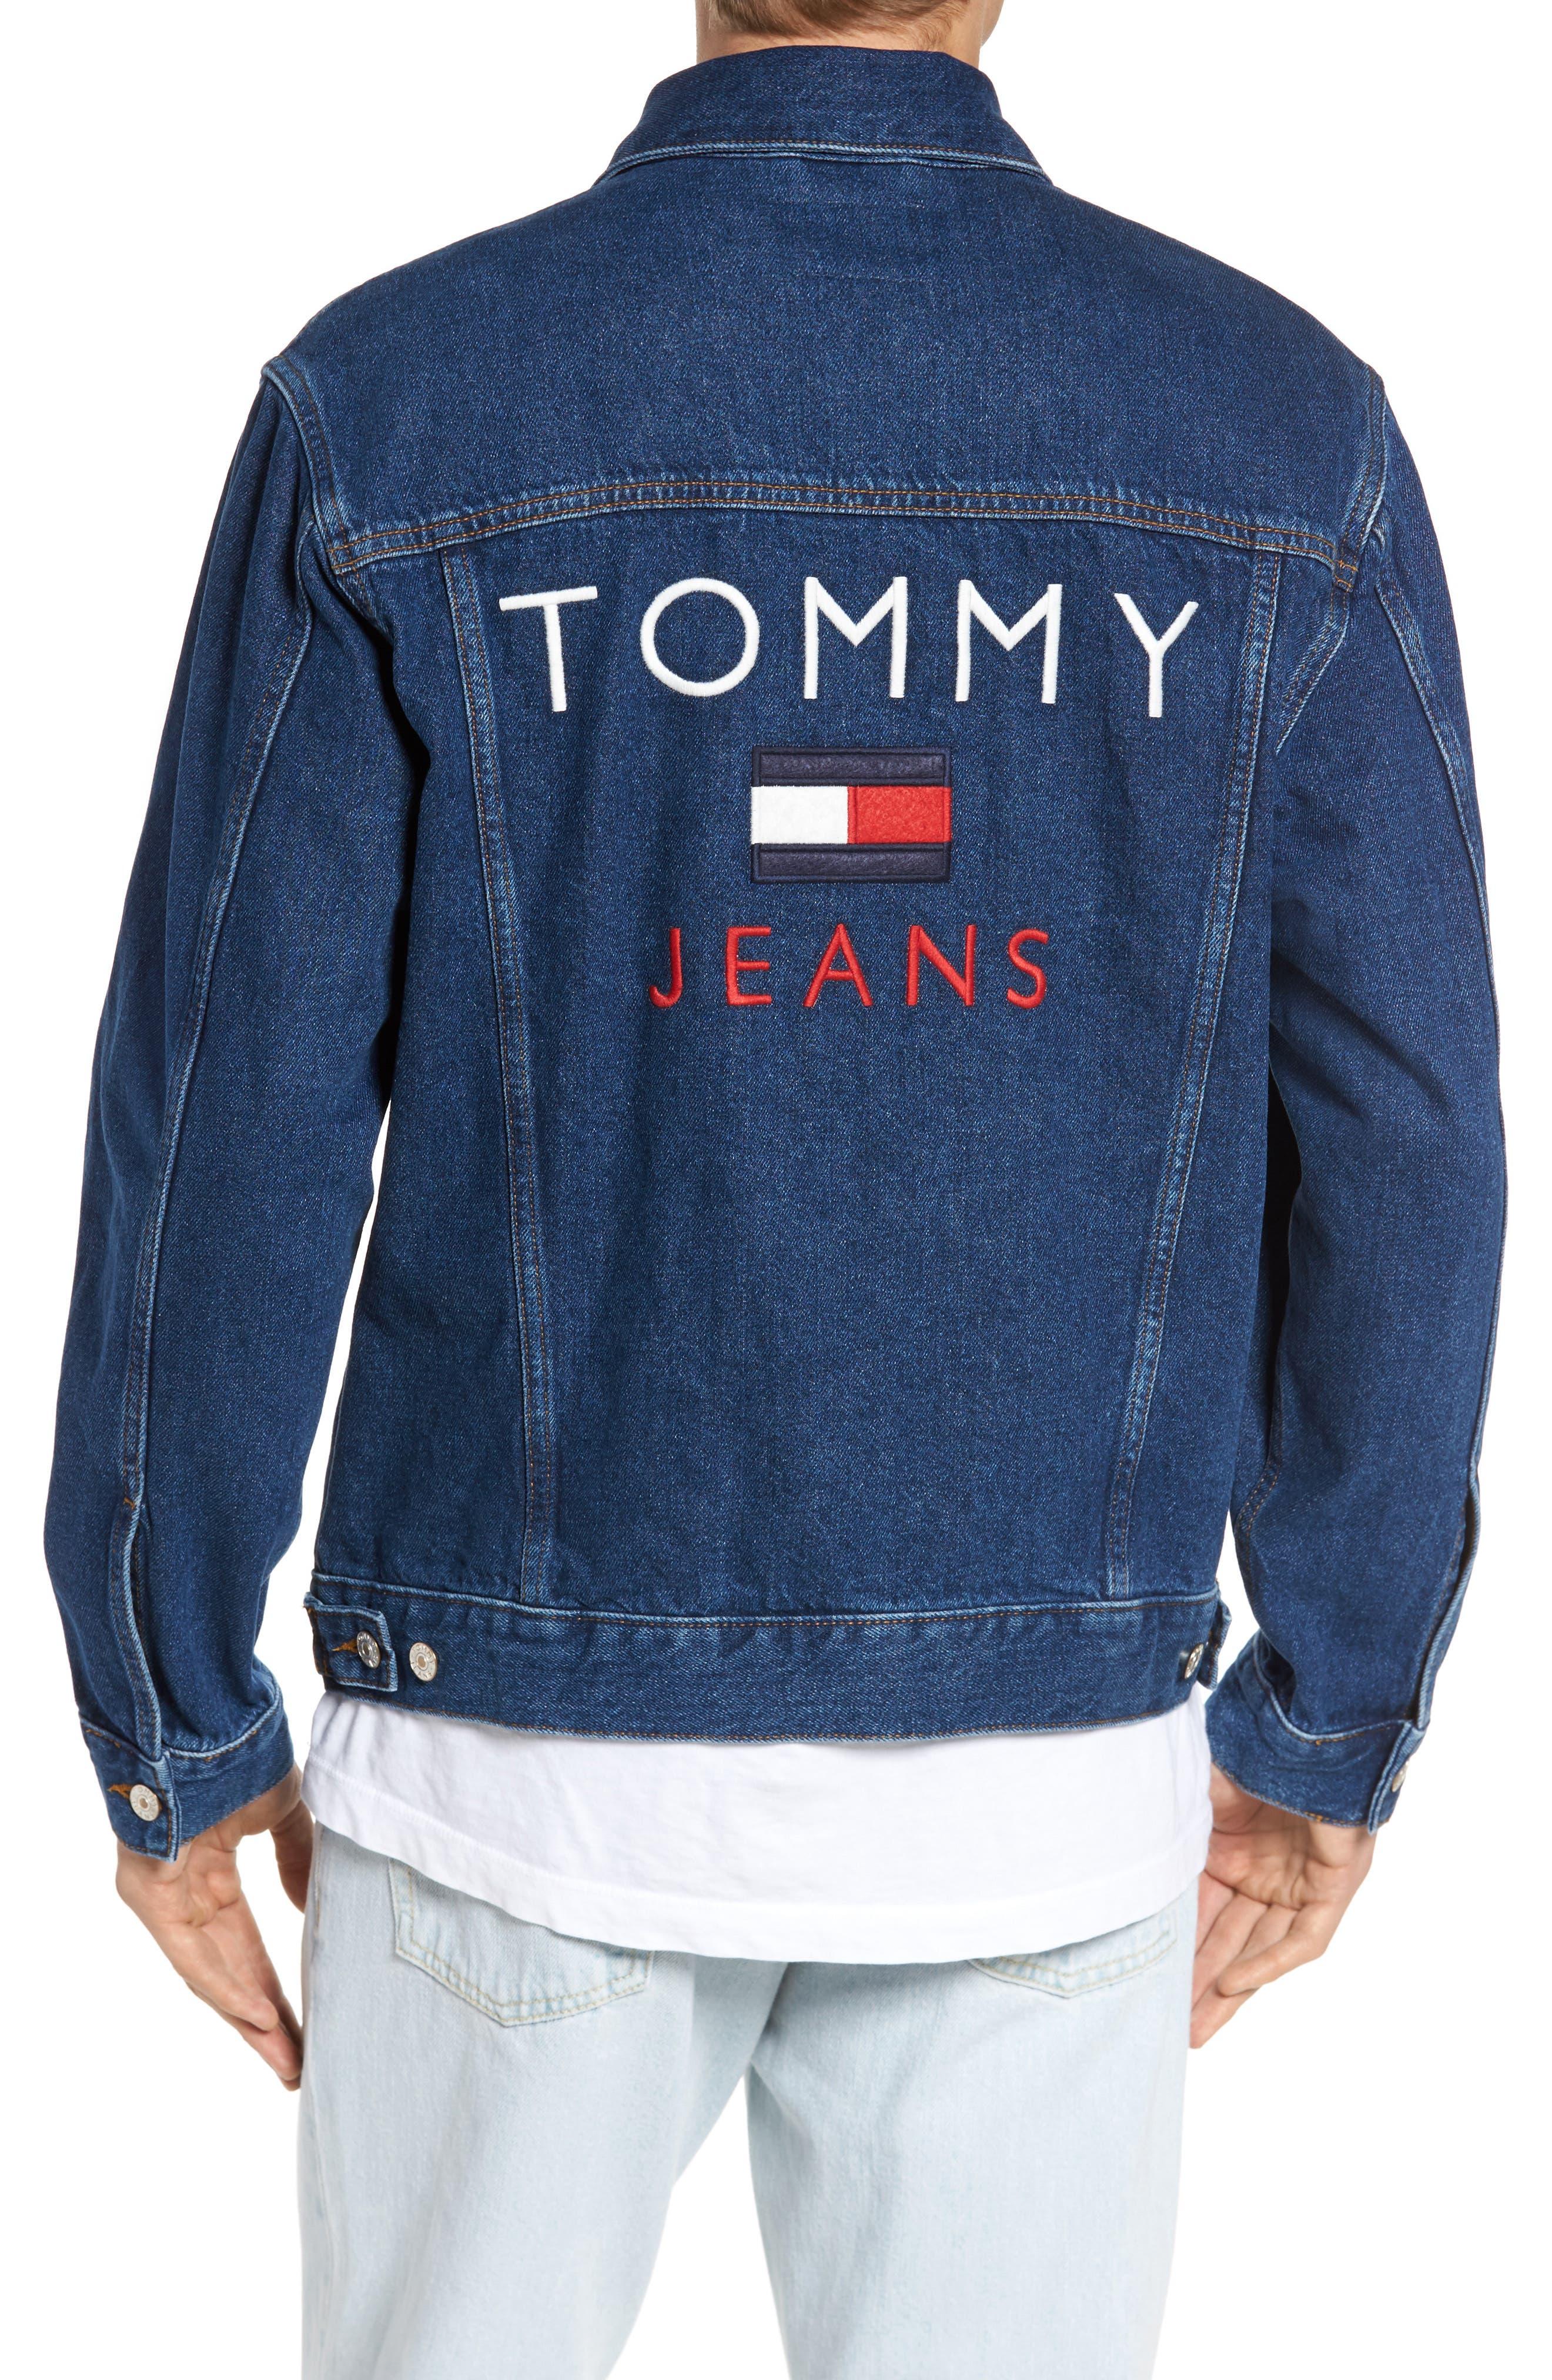 TOMMY HILFIGER,                             90s Denim Jacket,                             Alternate thumbnail 2, color,                             411